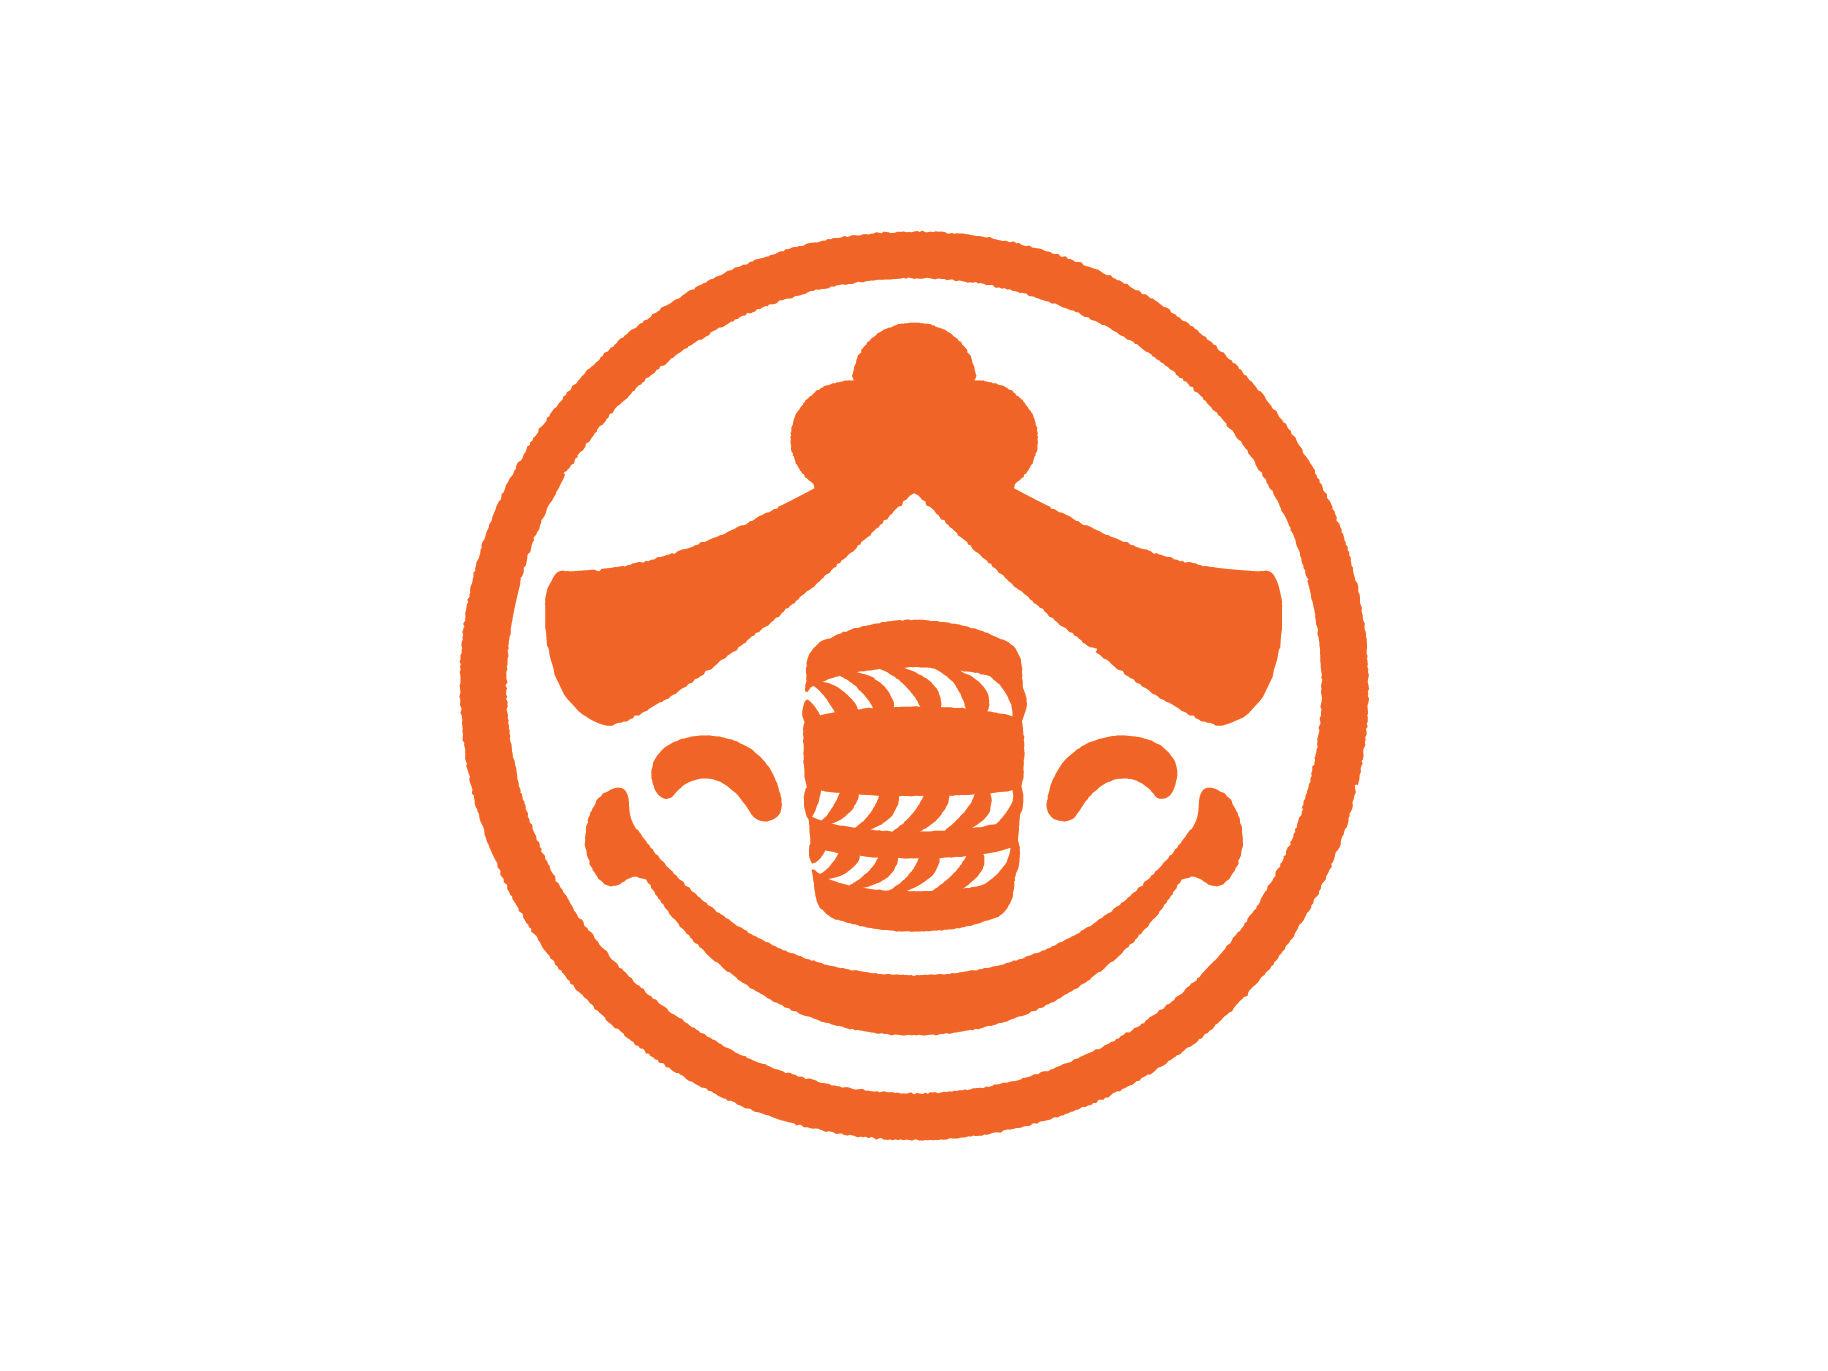 HP_logo-16.jpg